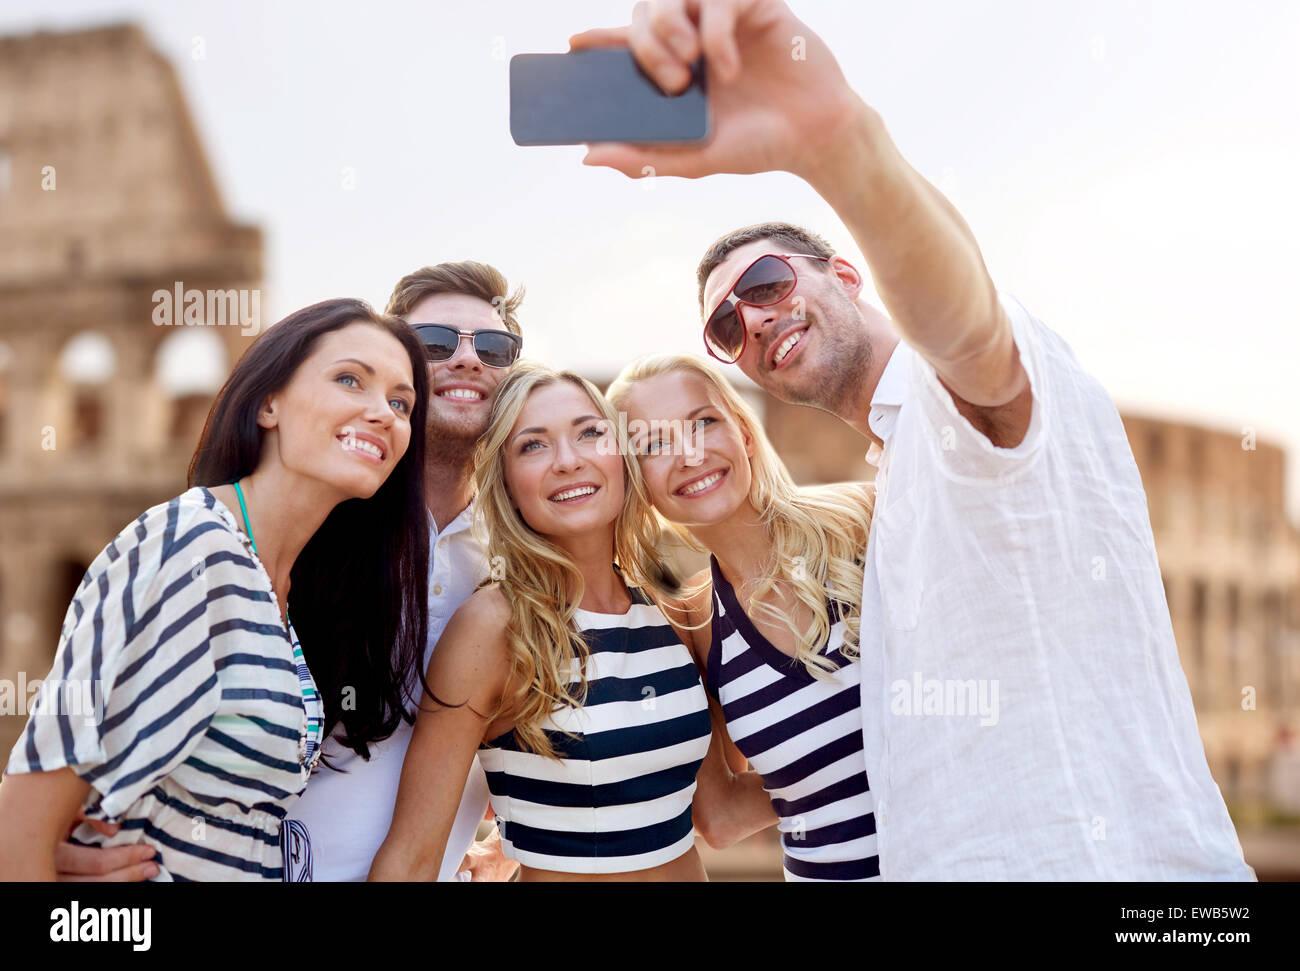 Les amis de prendre avec le smartphone selfies Photo Stock